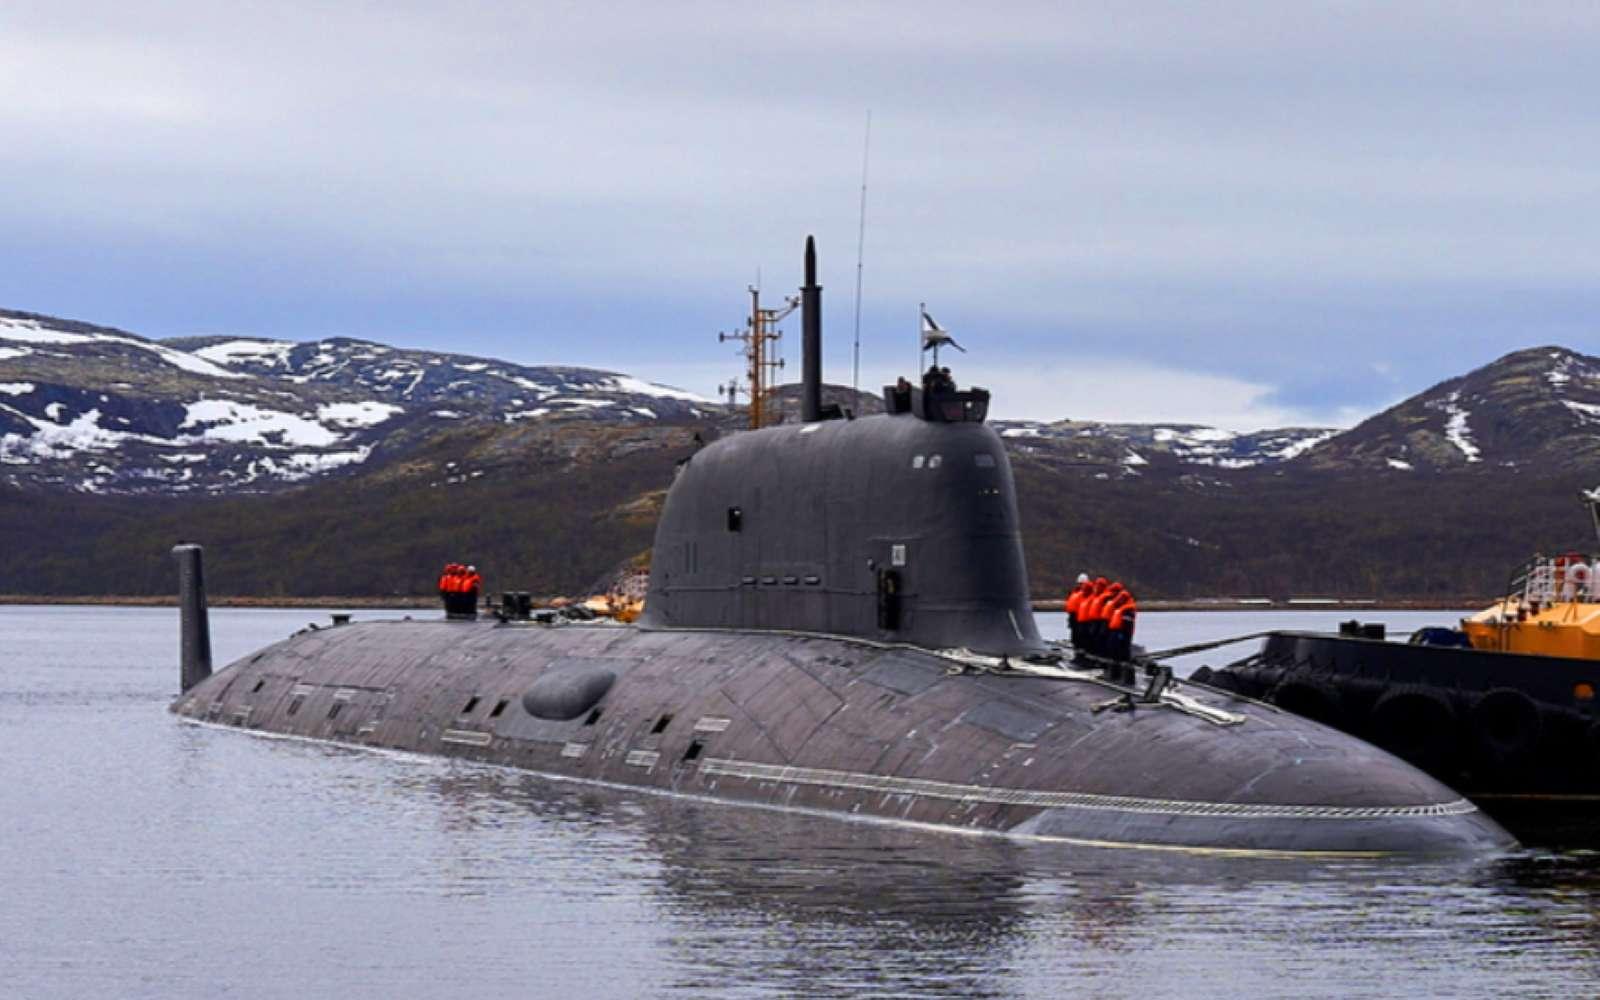 D'une longueur de 130 mètres, le Kazan vient d'intégrer la marine russe. Il est doté d'une force de frappe inquiétante en raison de sa capacité à embarquer un armement hypersonique. © Mil.ru